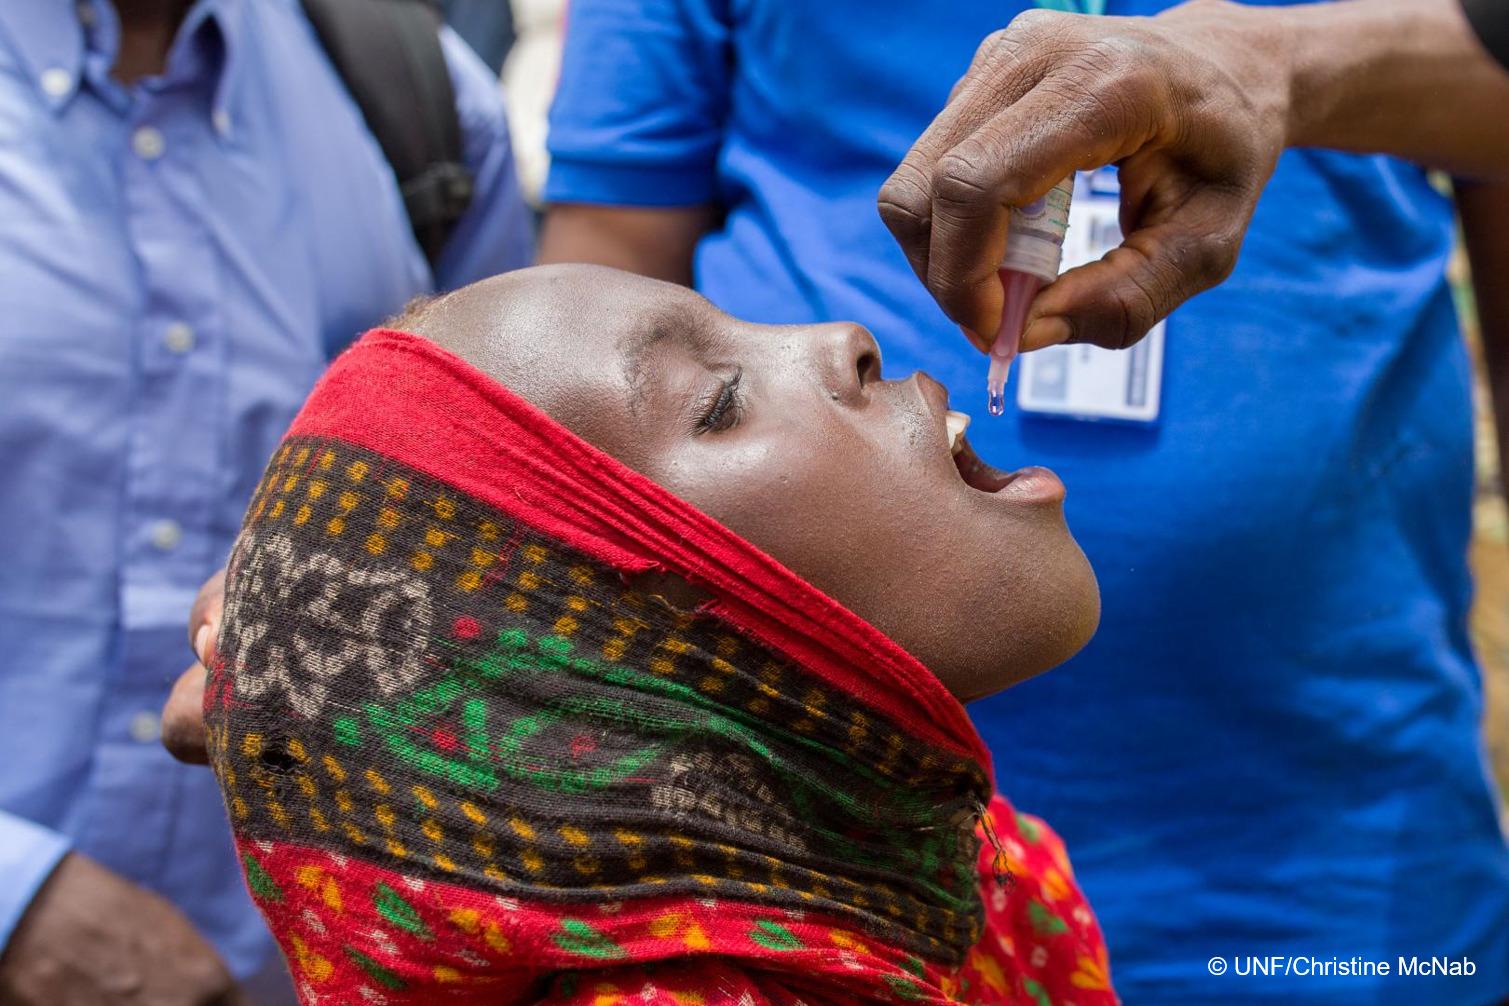 L'Africa libera dalla poliomielite: il potere dell'immunizzazione